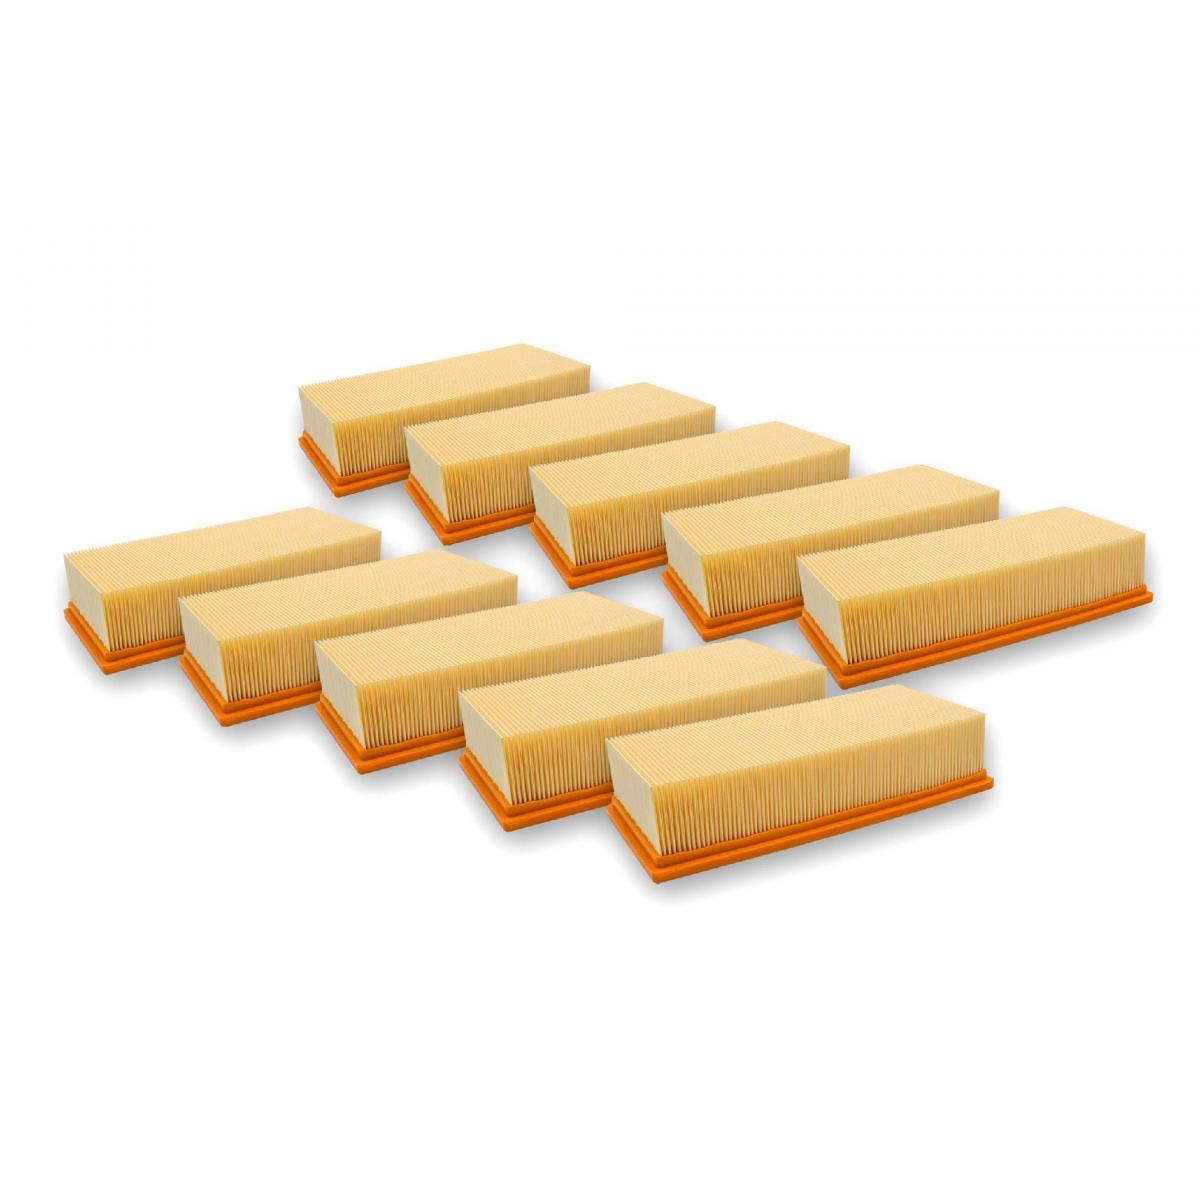 Vhbw vhbw 10x filtre à plis plats remplace 6.904-283.0 Kärcher aspirateur à sec/à liquide IVC 60/24-2 Ap, IVC 60/30 Ap, IVC 6